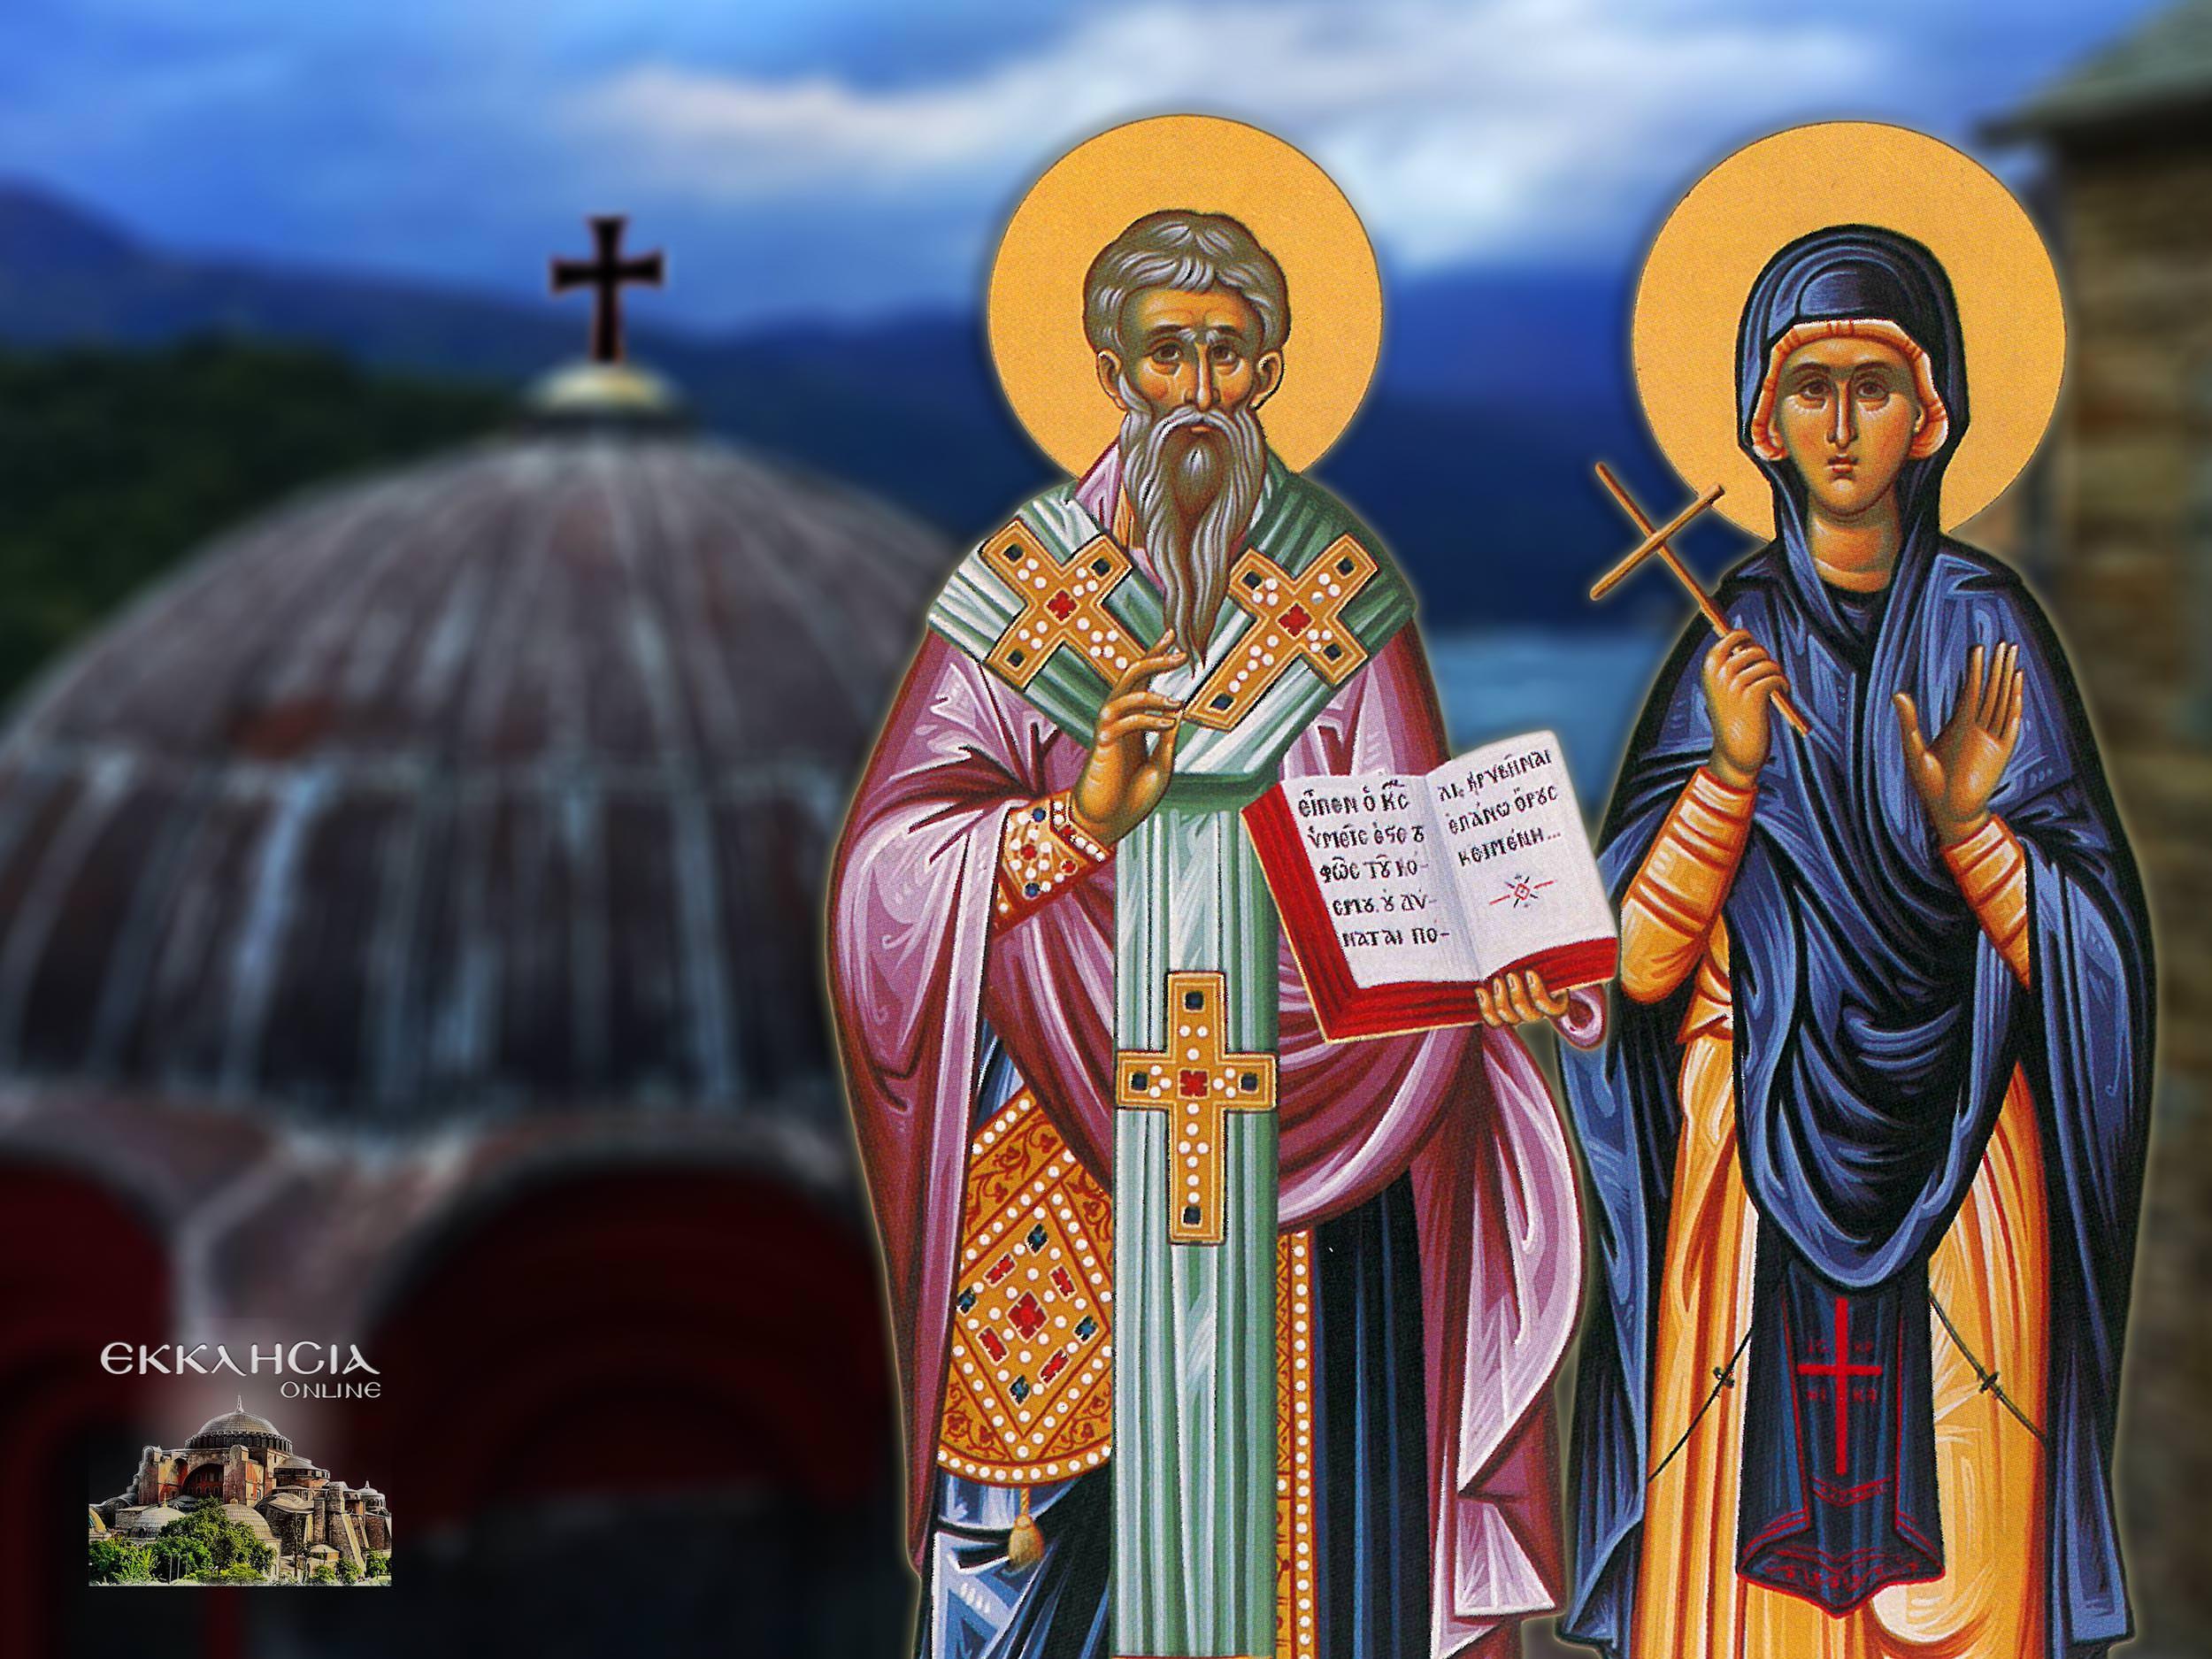 Άγιος Κυπριανός και η Αγία Ιουστίνη 2 Οκτωβρίου